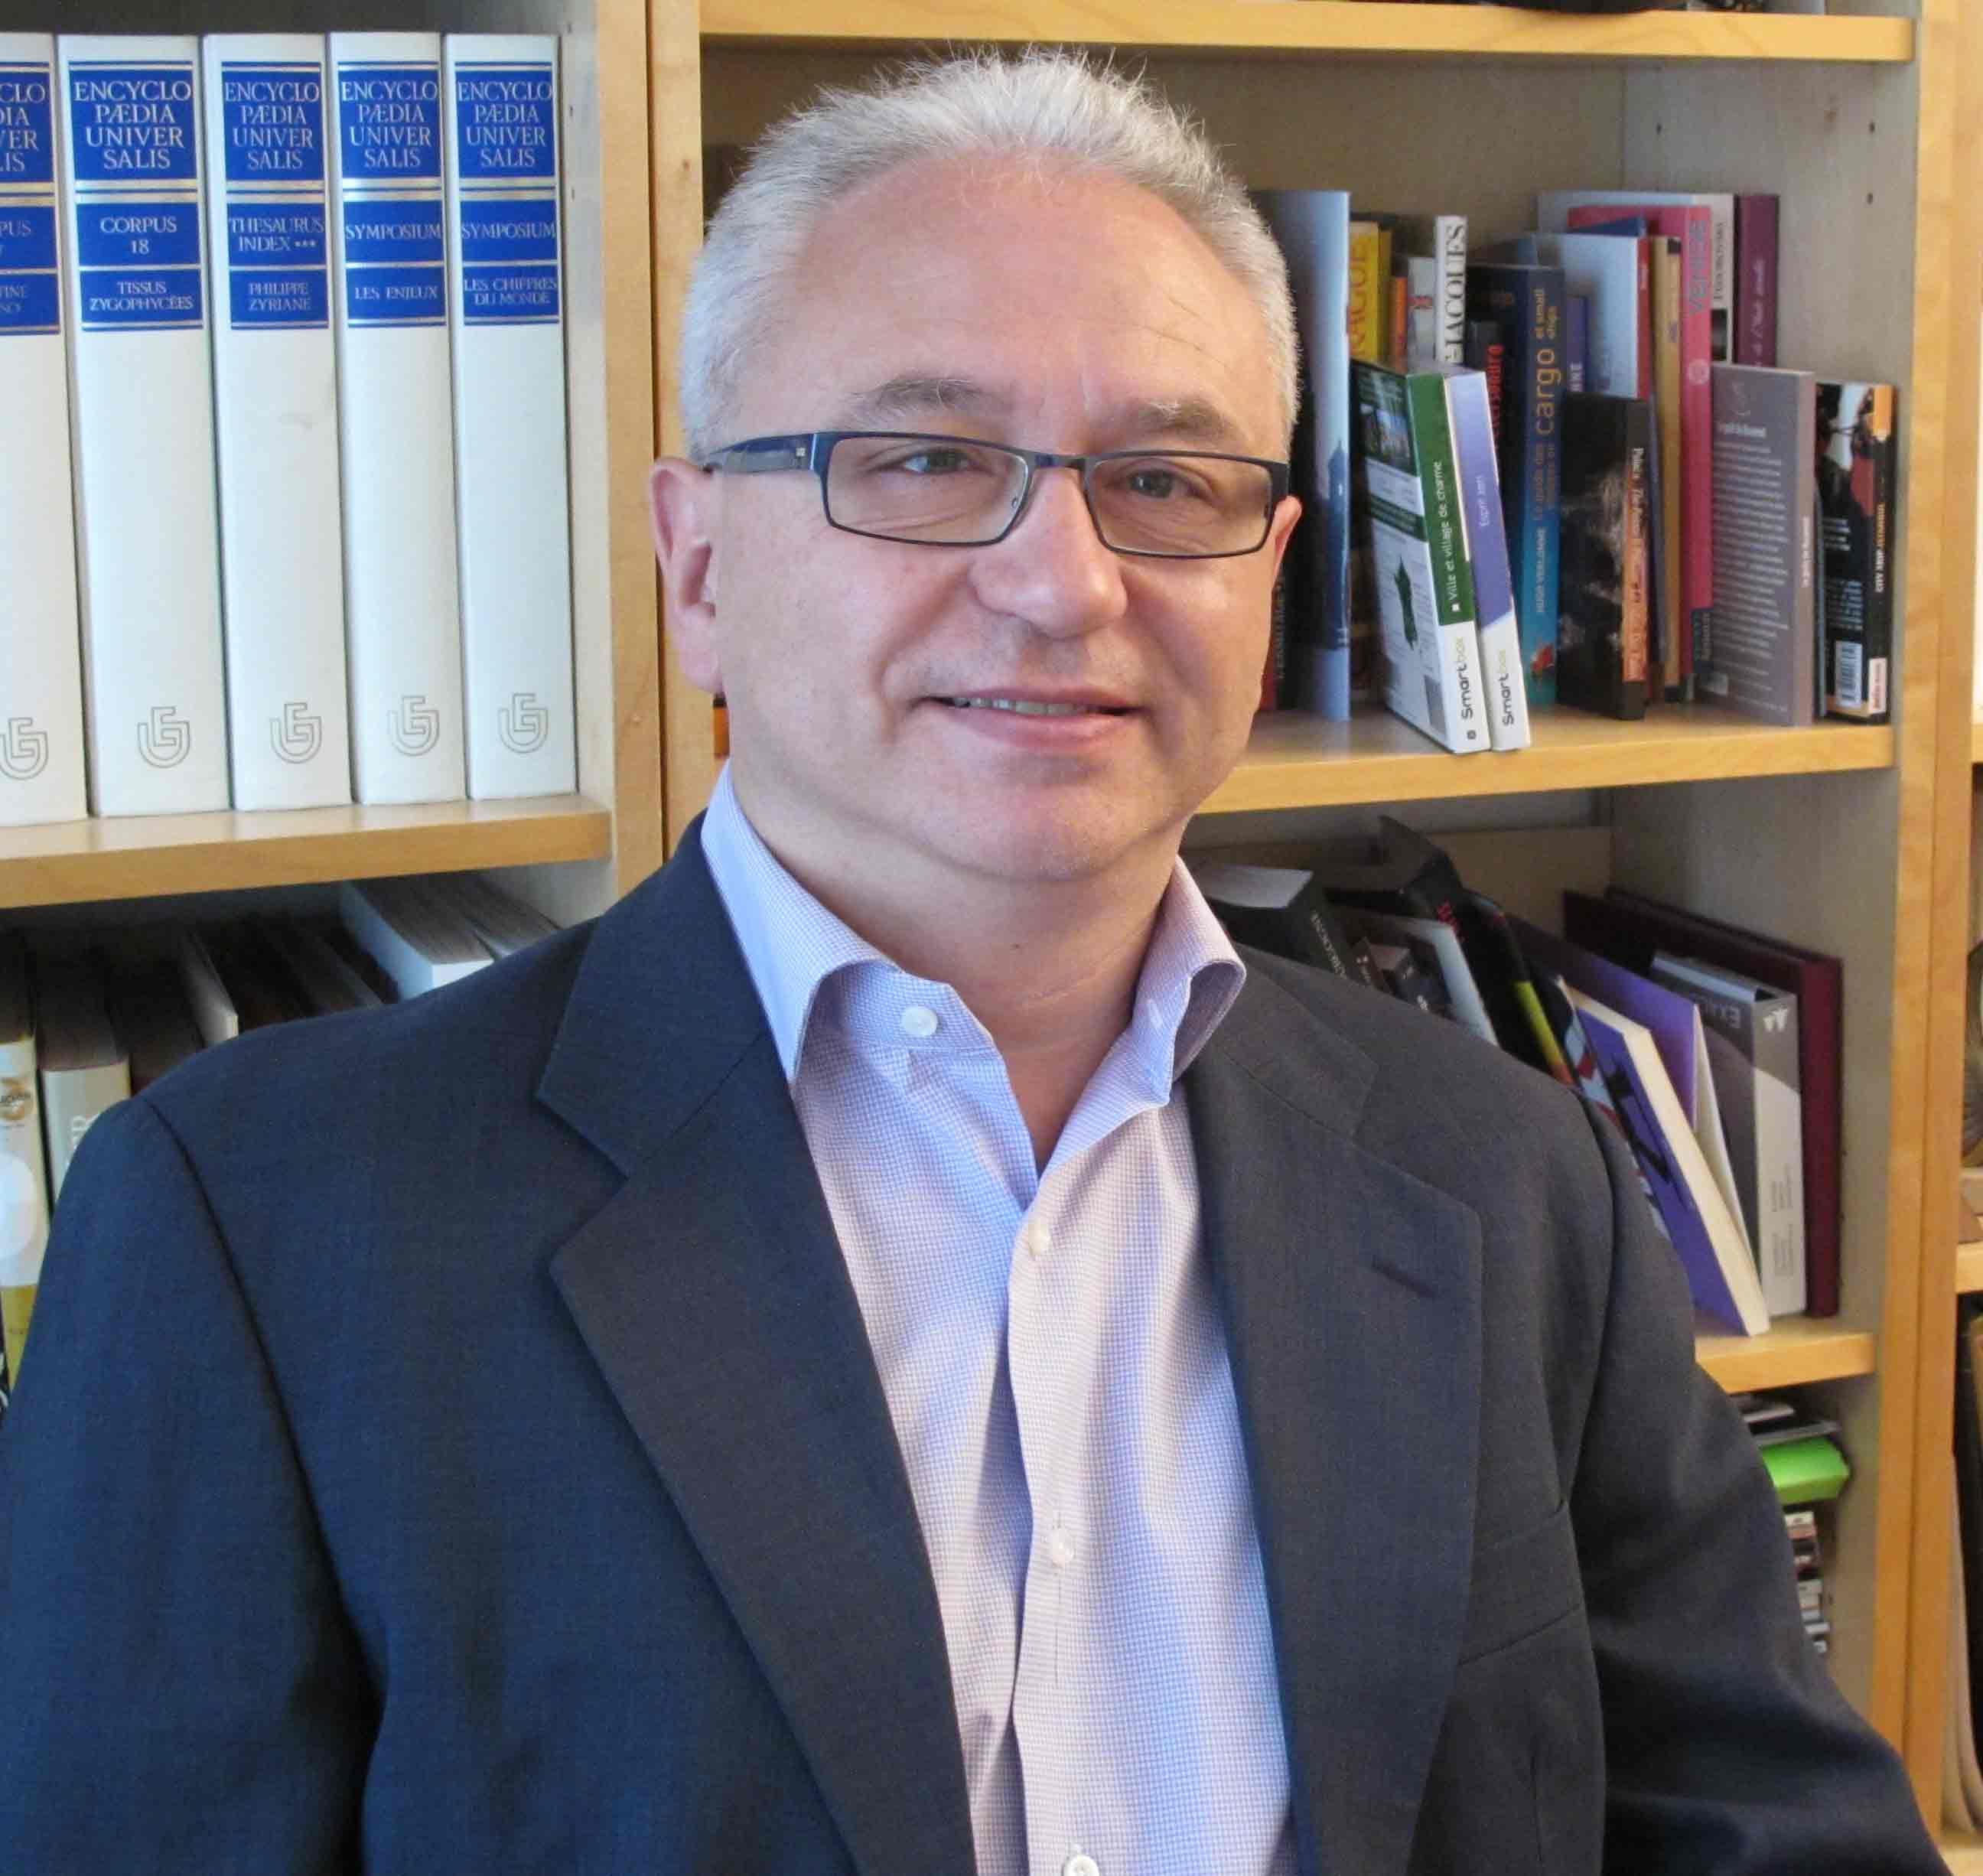 Alain Souleille, Directeur Général de Rivages du Monde - Photo DR